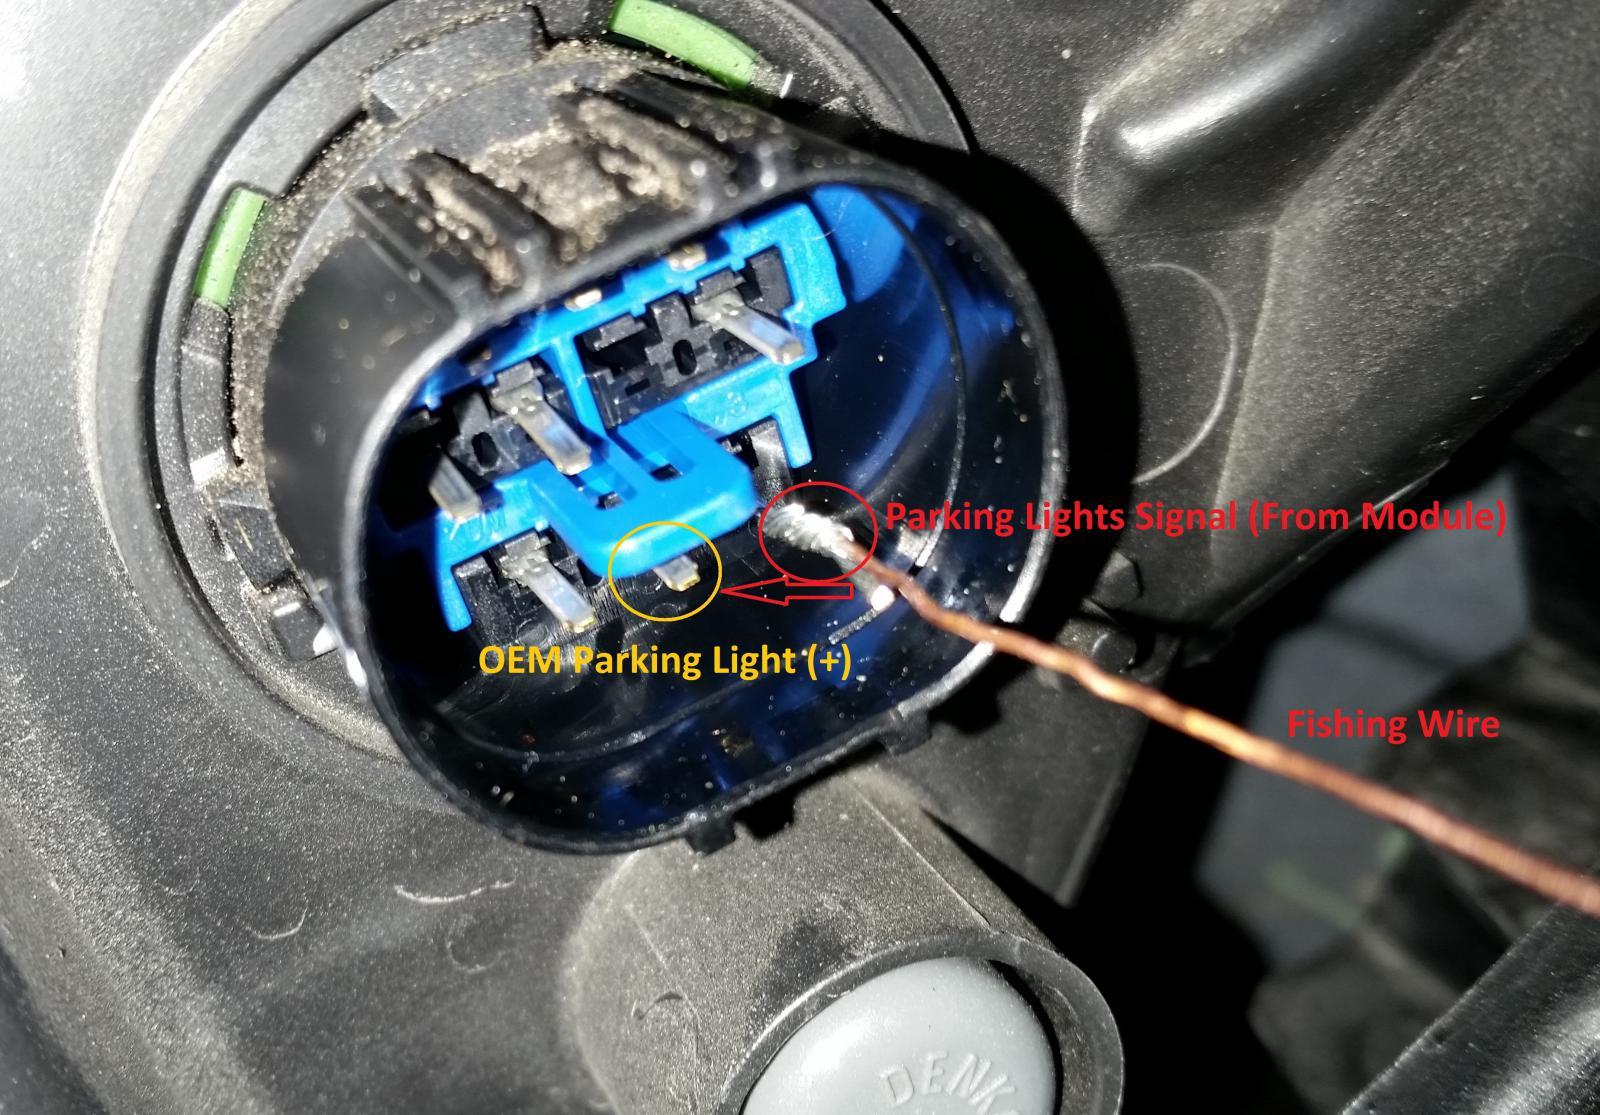 DIY - Positioning Lights as DRLs-pin-over-parking-lights.jpg